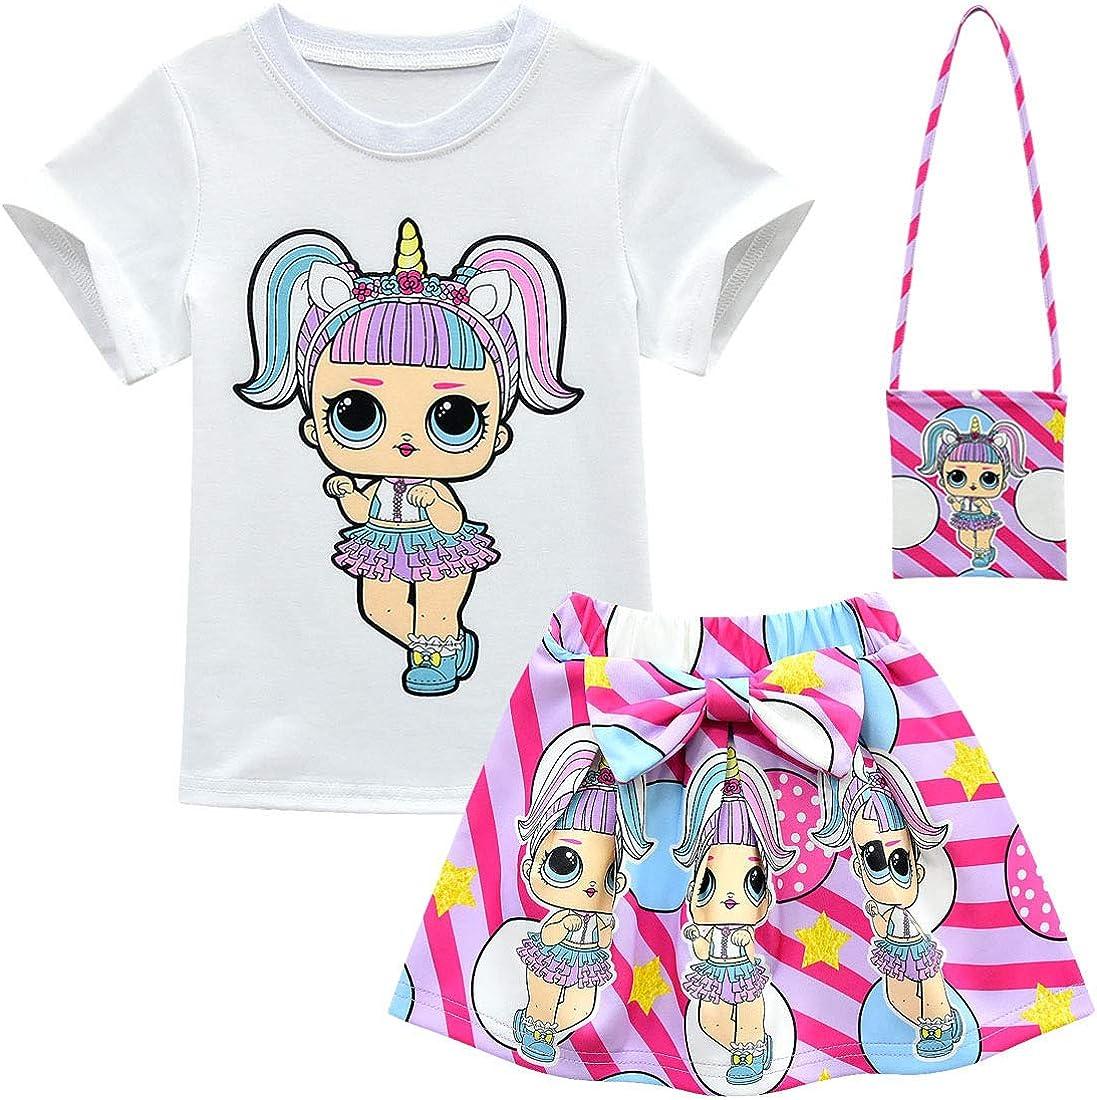 t-shirt con bambola Maglietta a maniche corte con bambola LOL Surprise ALAMing per bambine